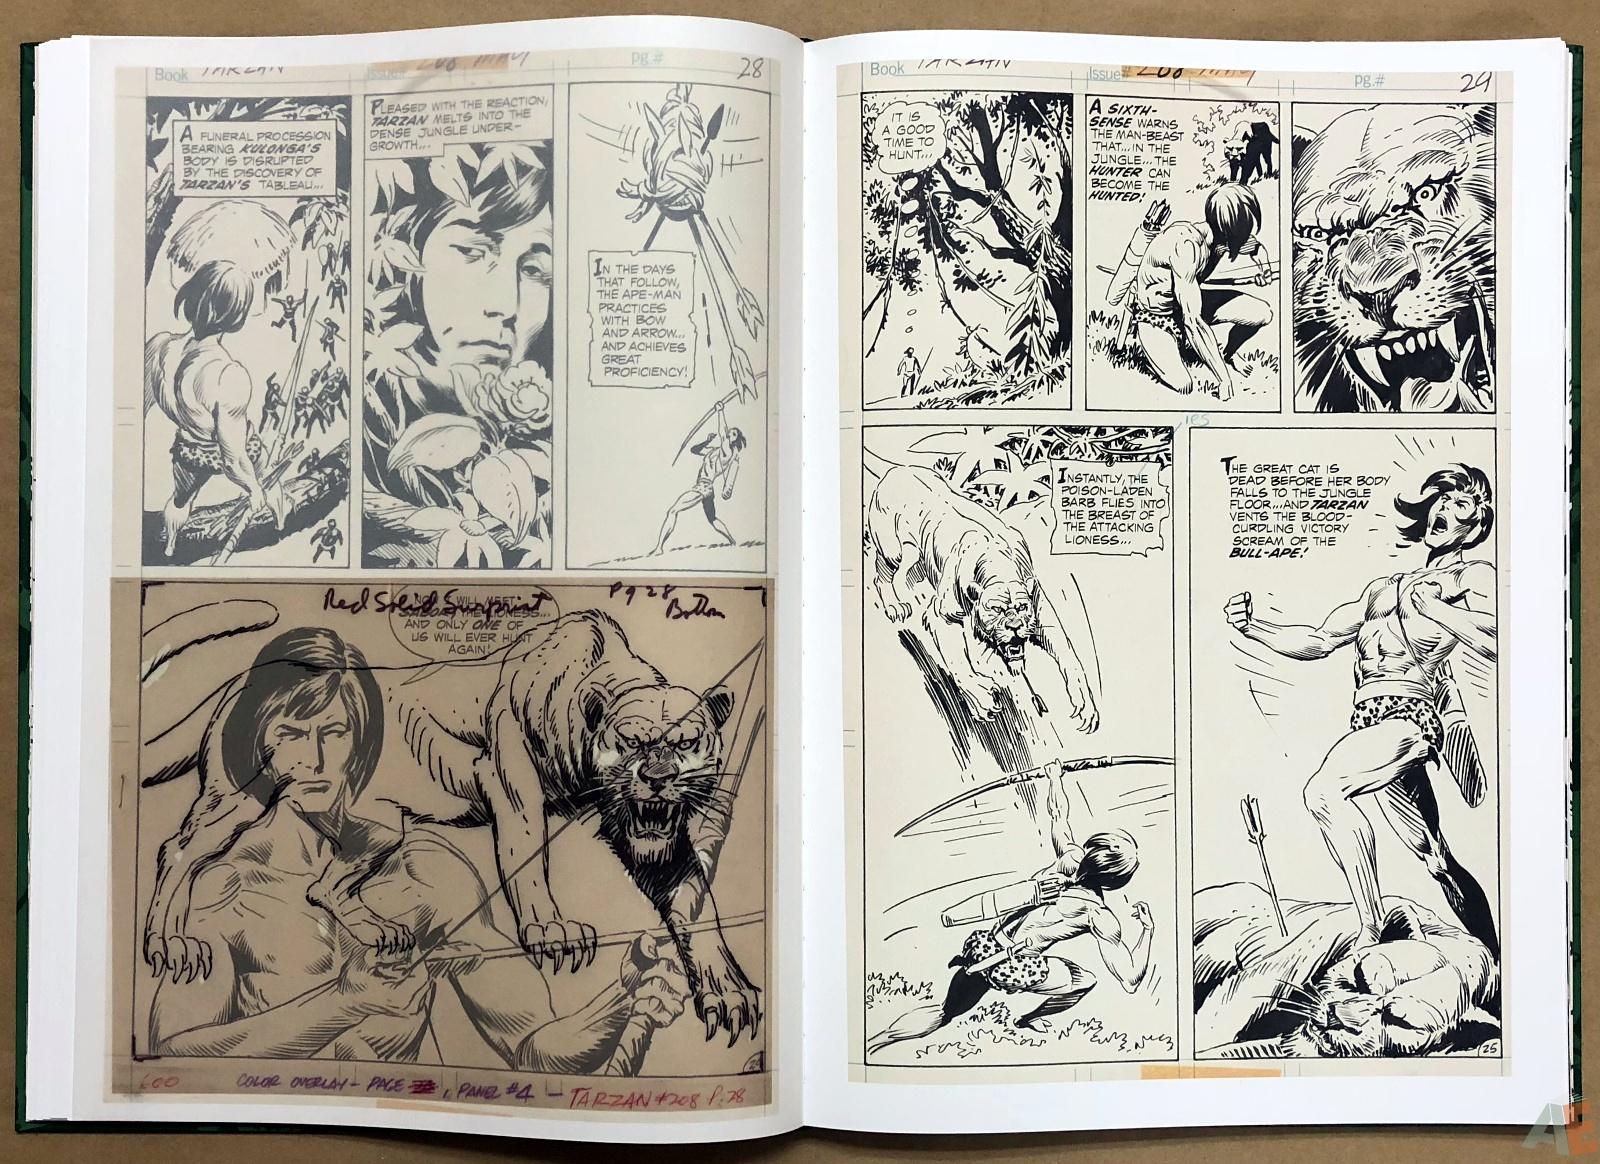 Joe Kubert's Tarzan of the Apes Artist's Edition